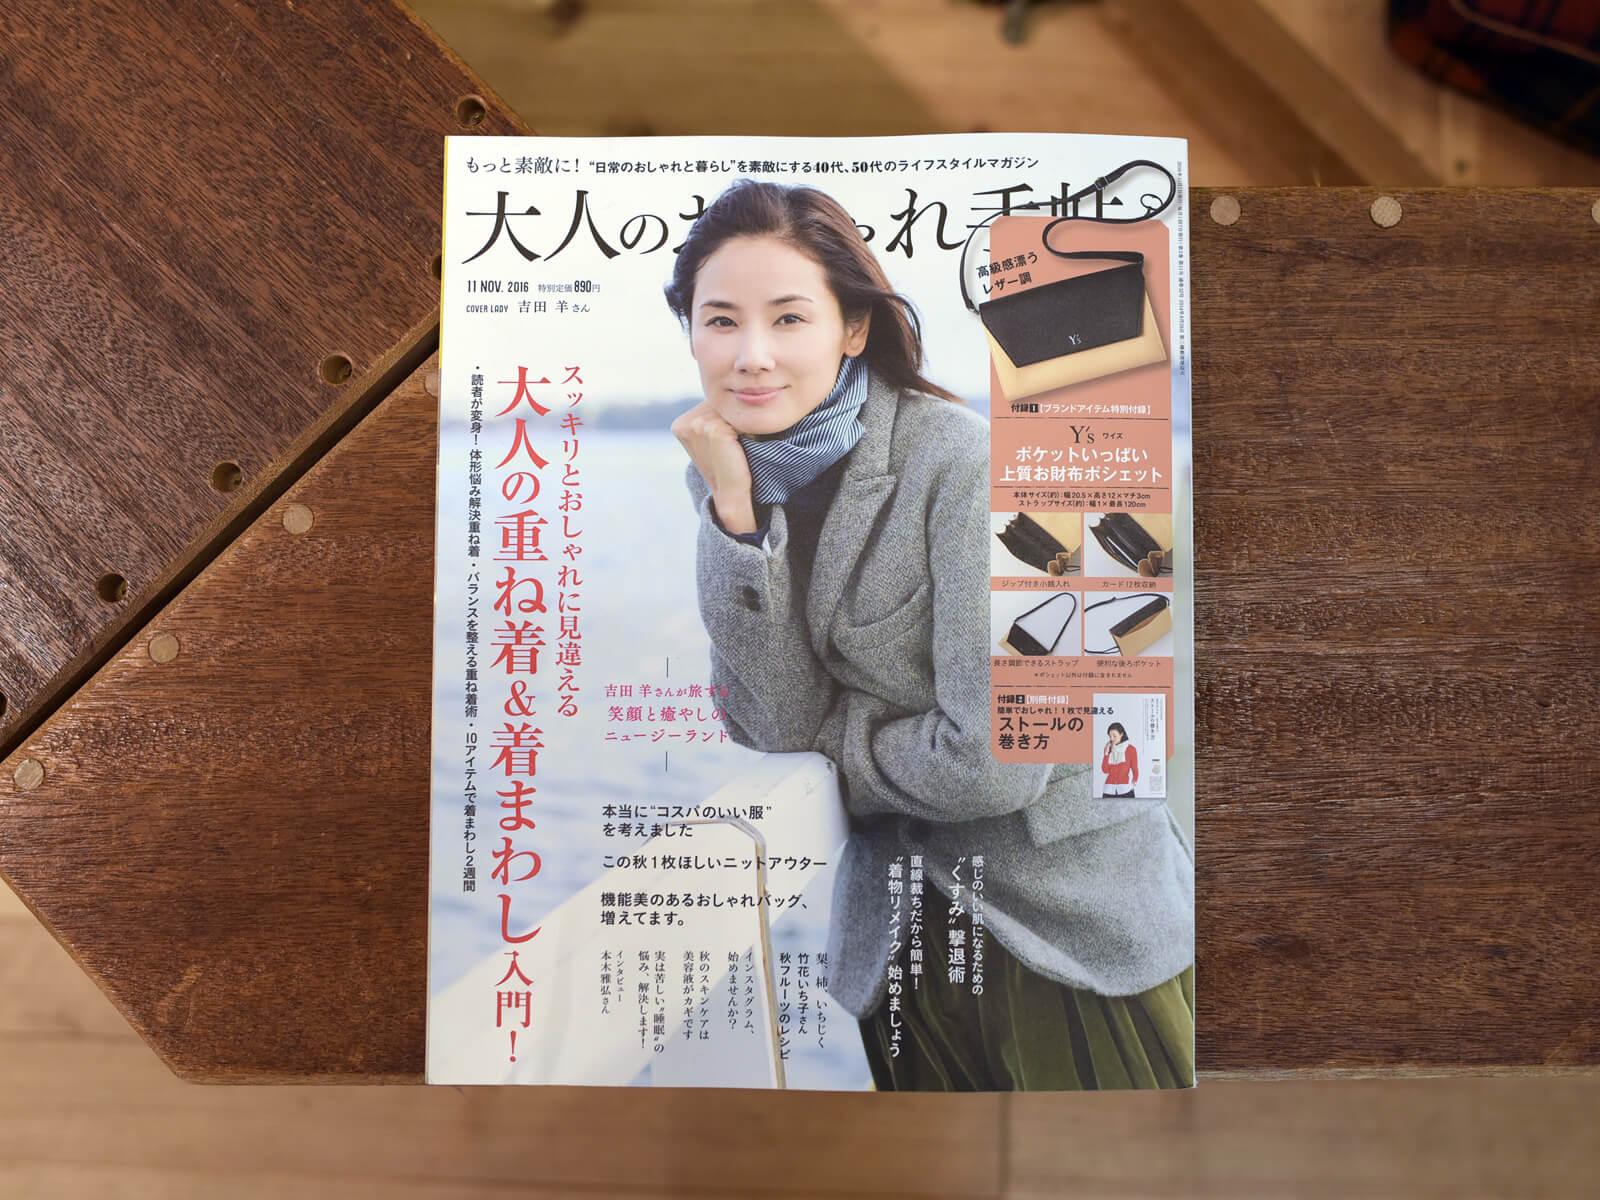 雑誌掲載のお知らせ「大人のおしゃれ手帖 No.32」